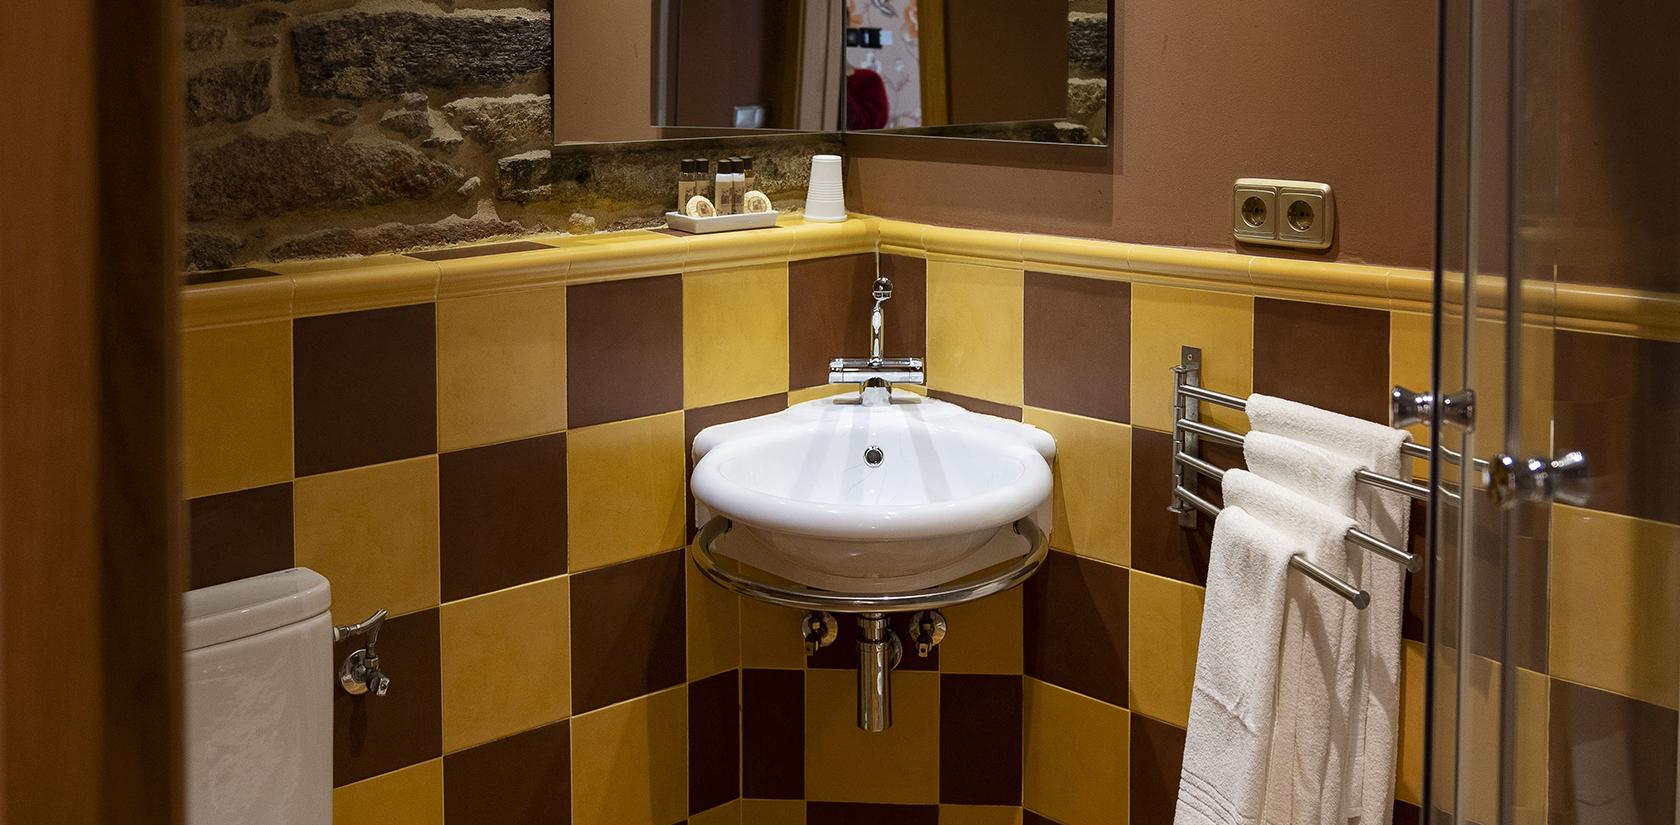 Habitación Ons, detall del baño